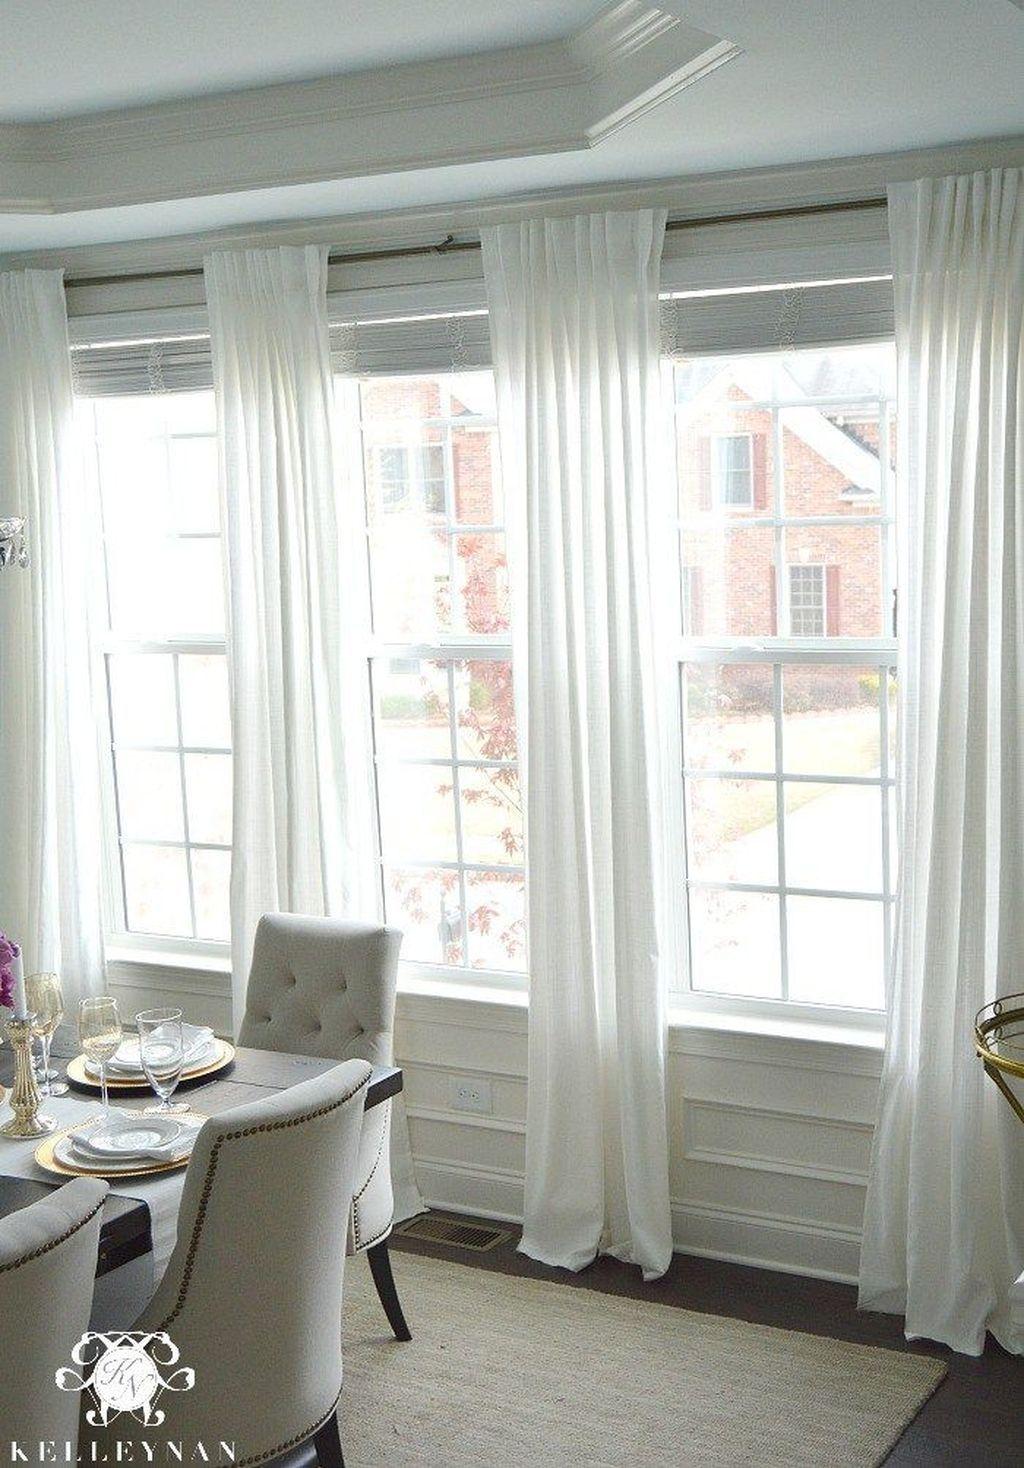 30+ Lovely Farmhouse Living Room Curtains Ideas | Dining ... on Farmhouse Curtain Ideas For Living Room  id=89940